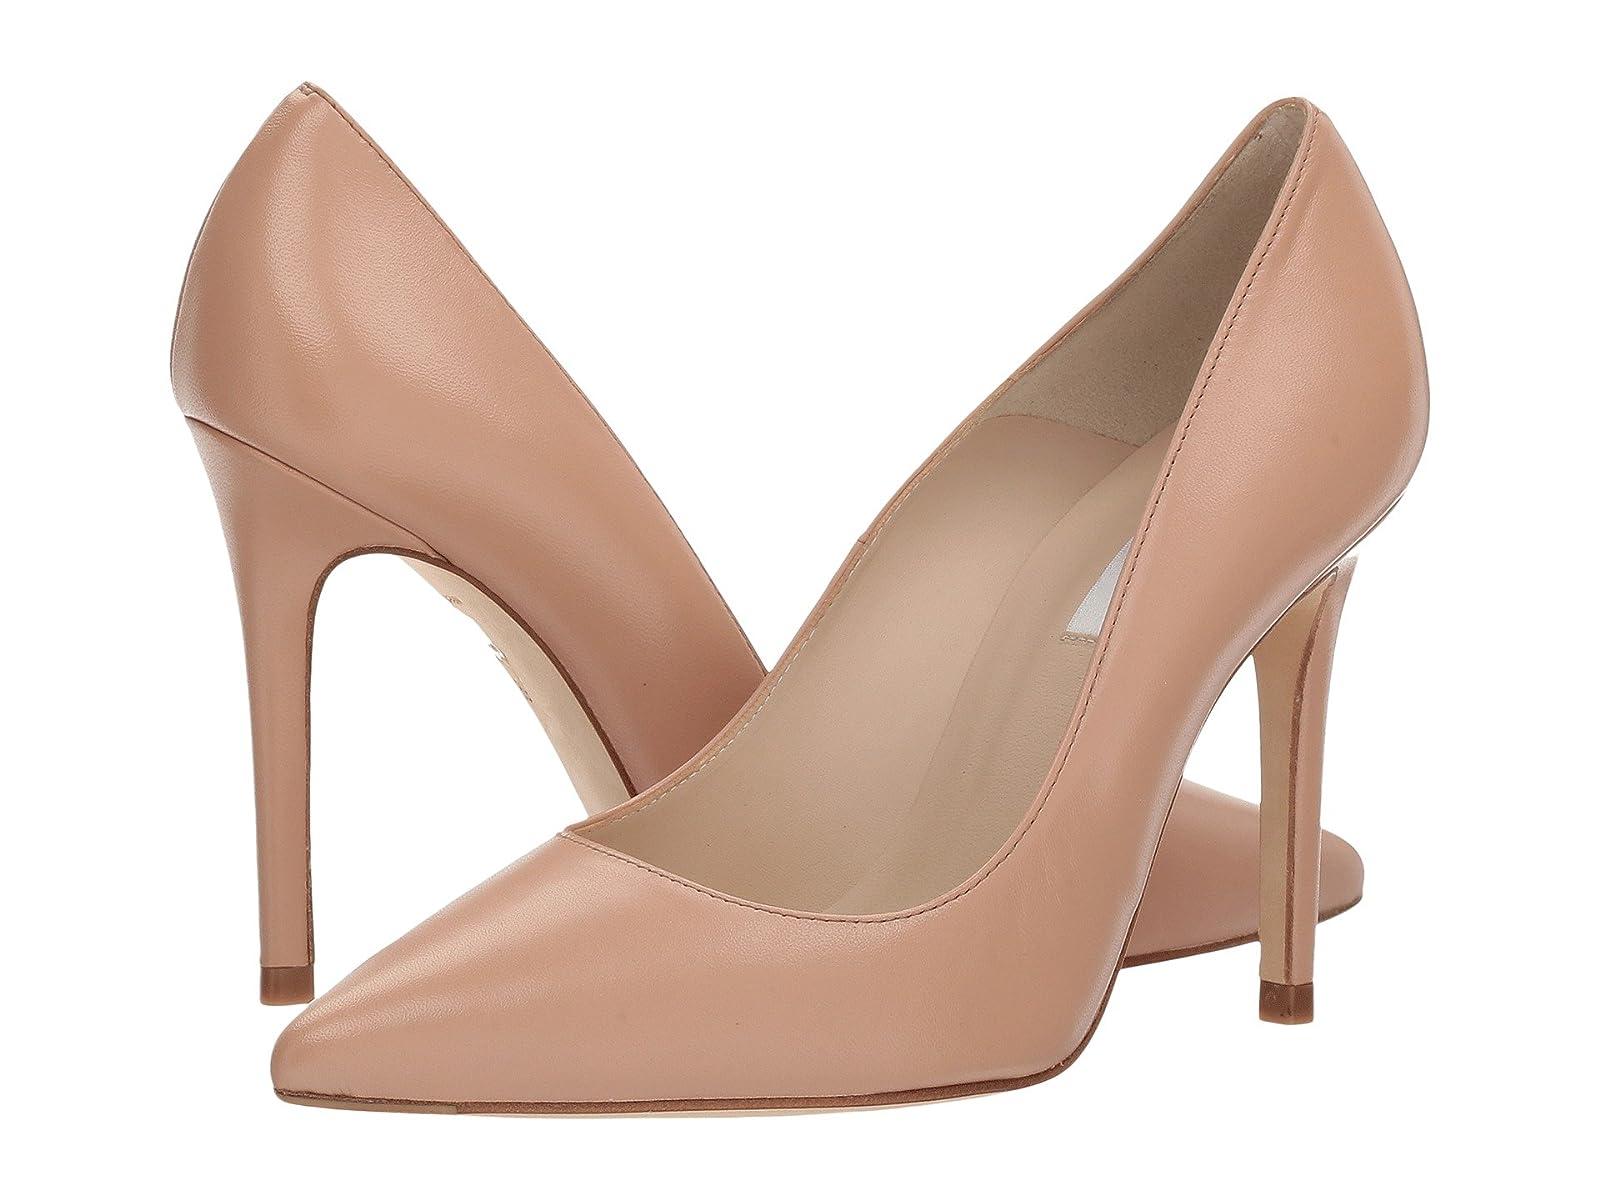 L.K. Bennett FernAtmospheric grades have affordable shoes